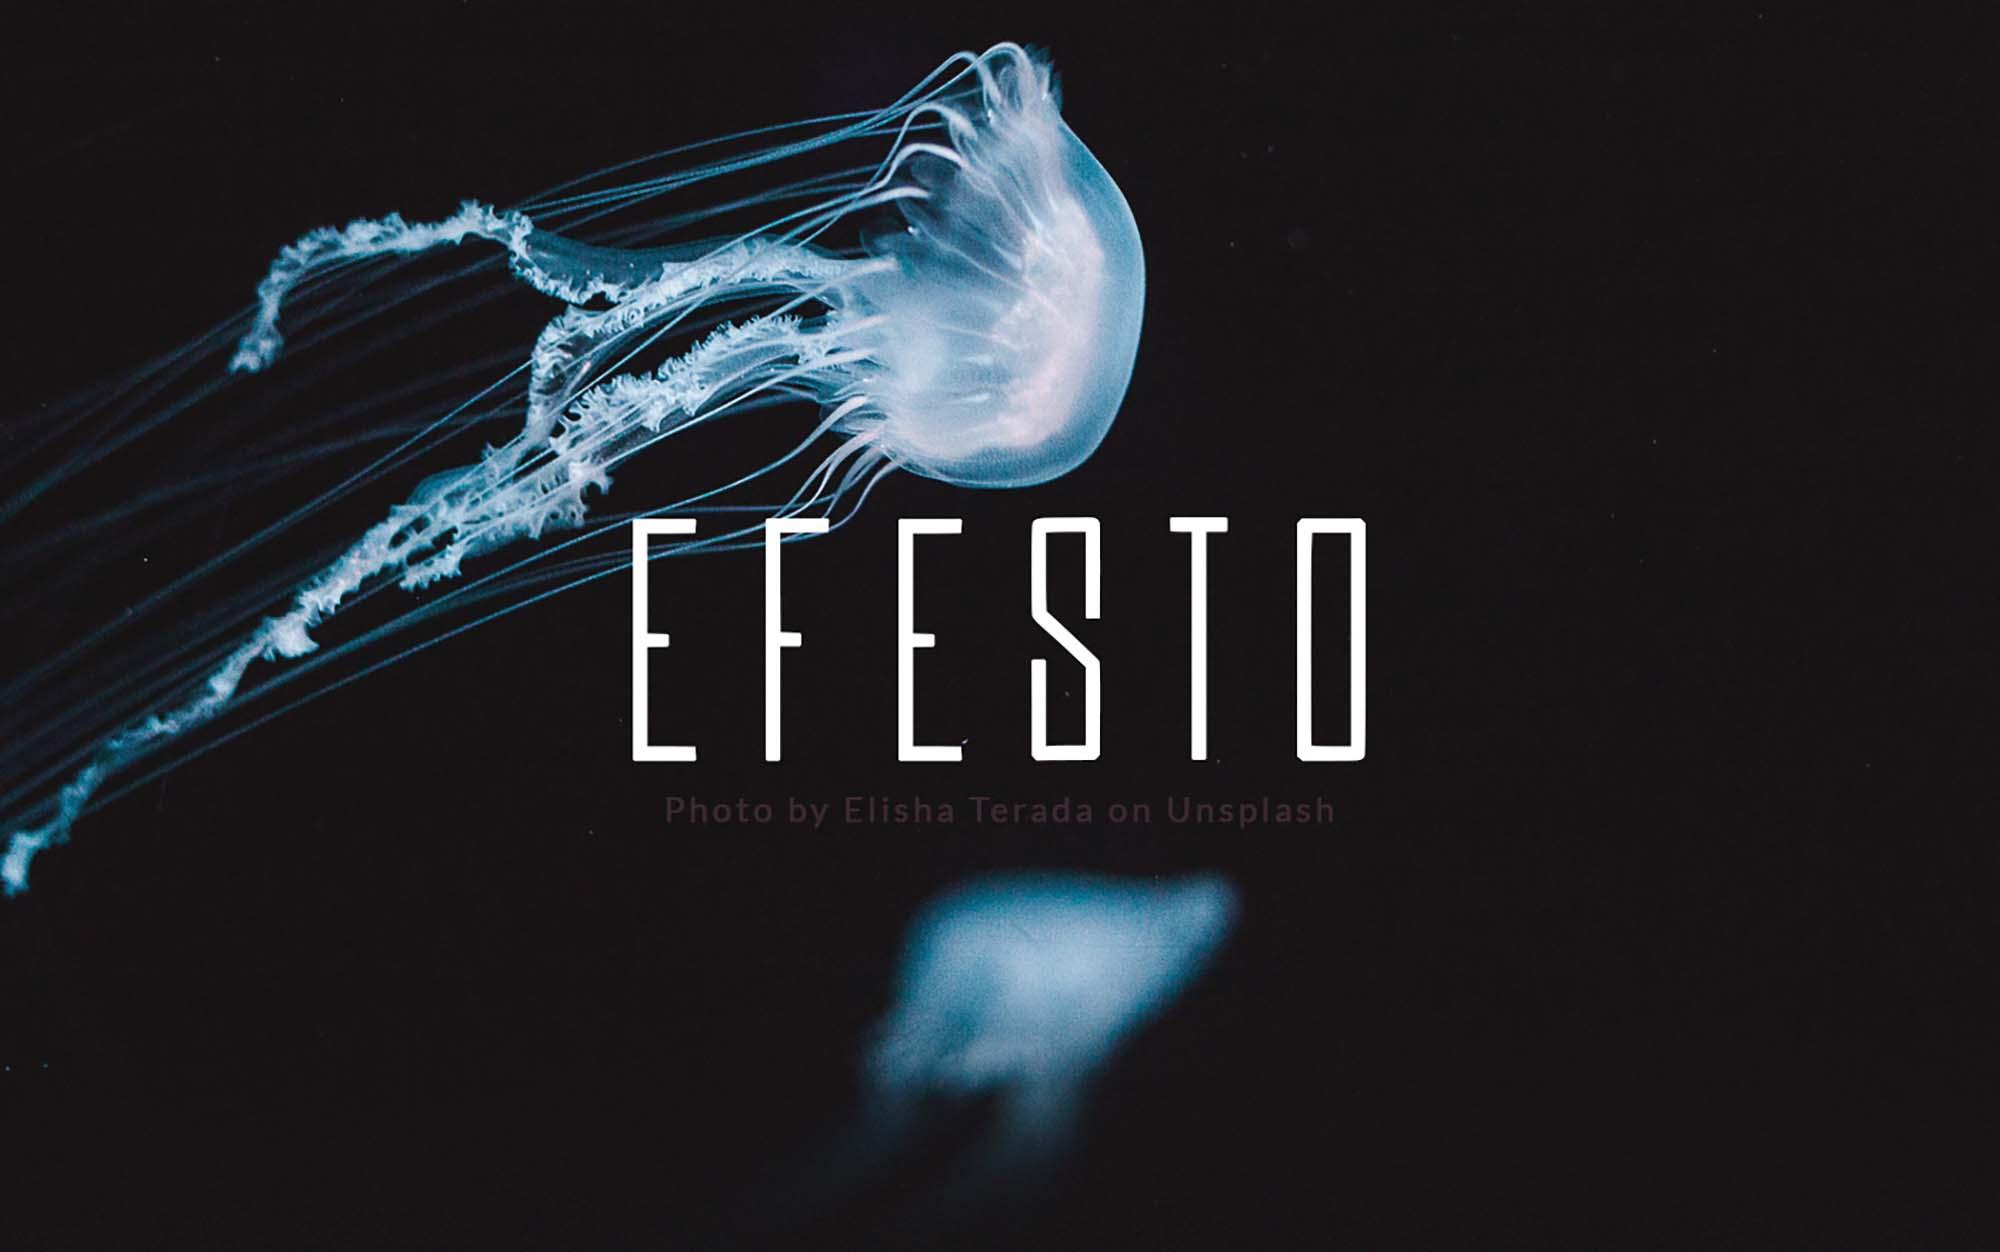 Efesto Font